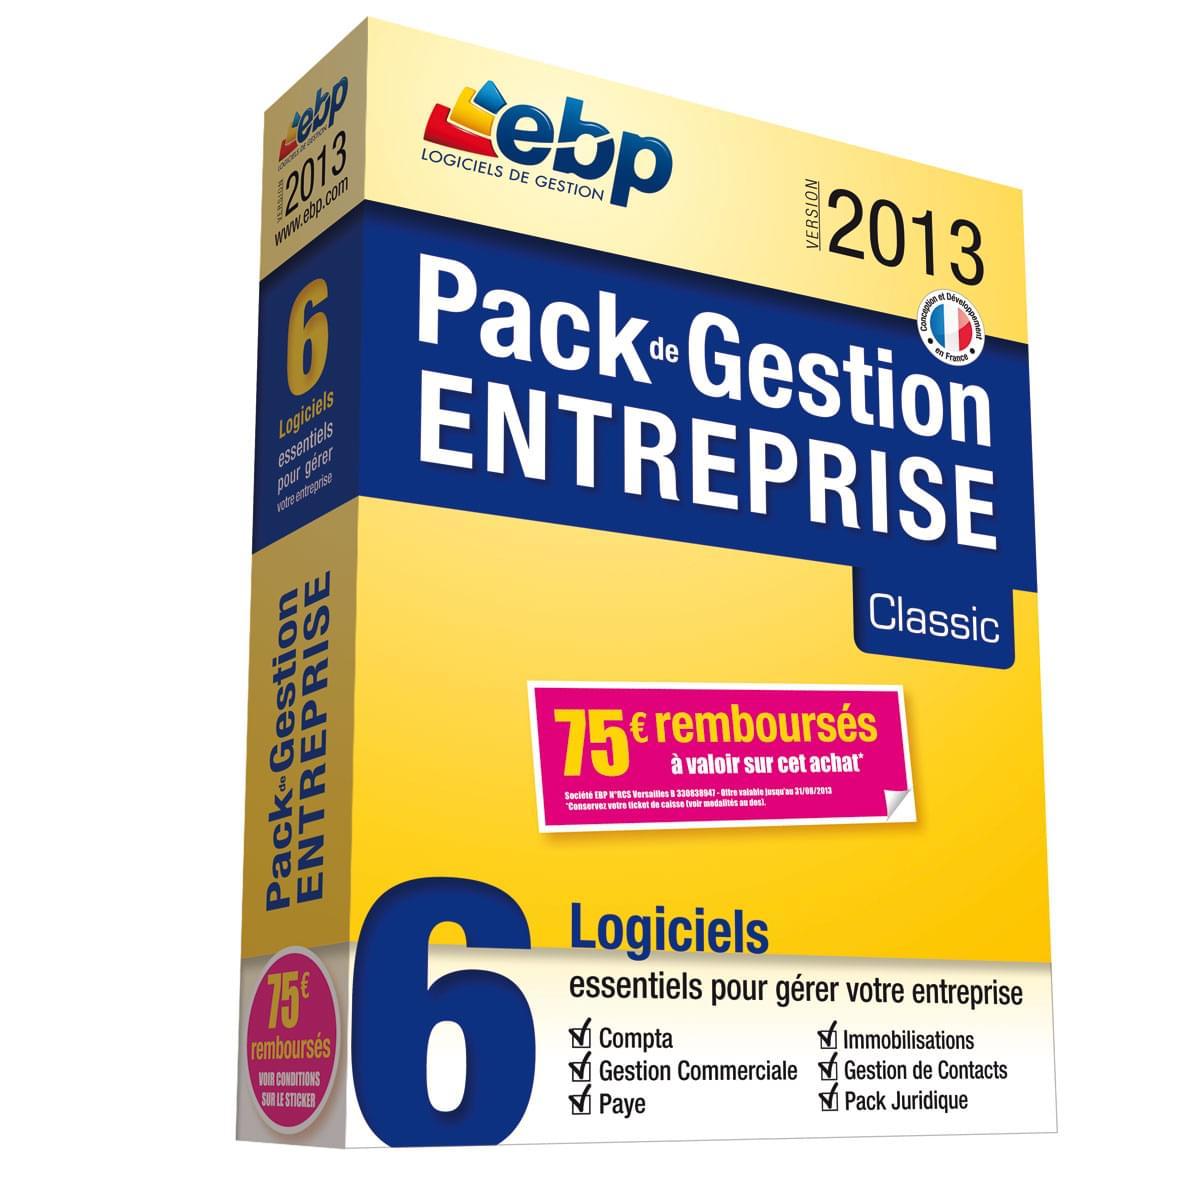 EBP Pack de Gestion Entreprise Classic 2013 + ODR 75€ - Logiciel application - 0